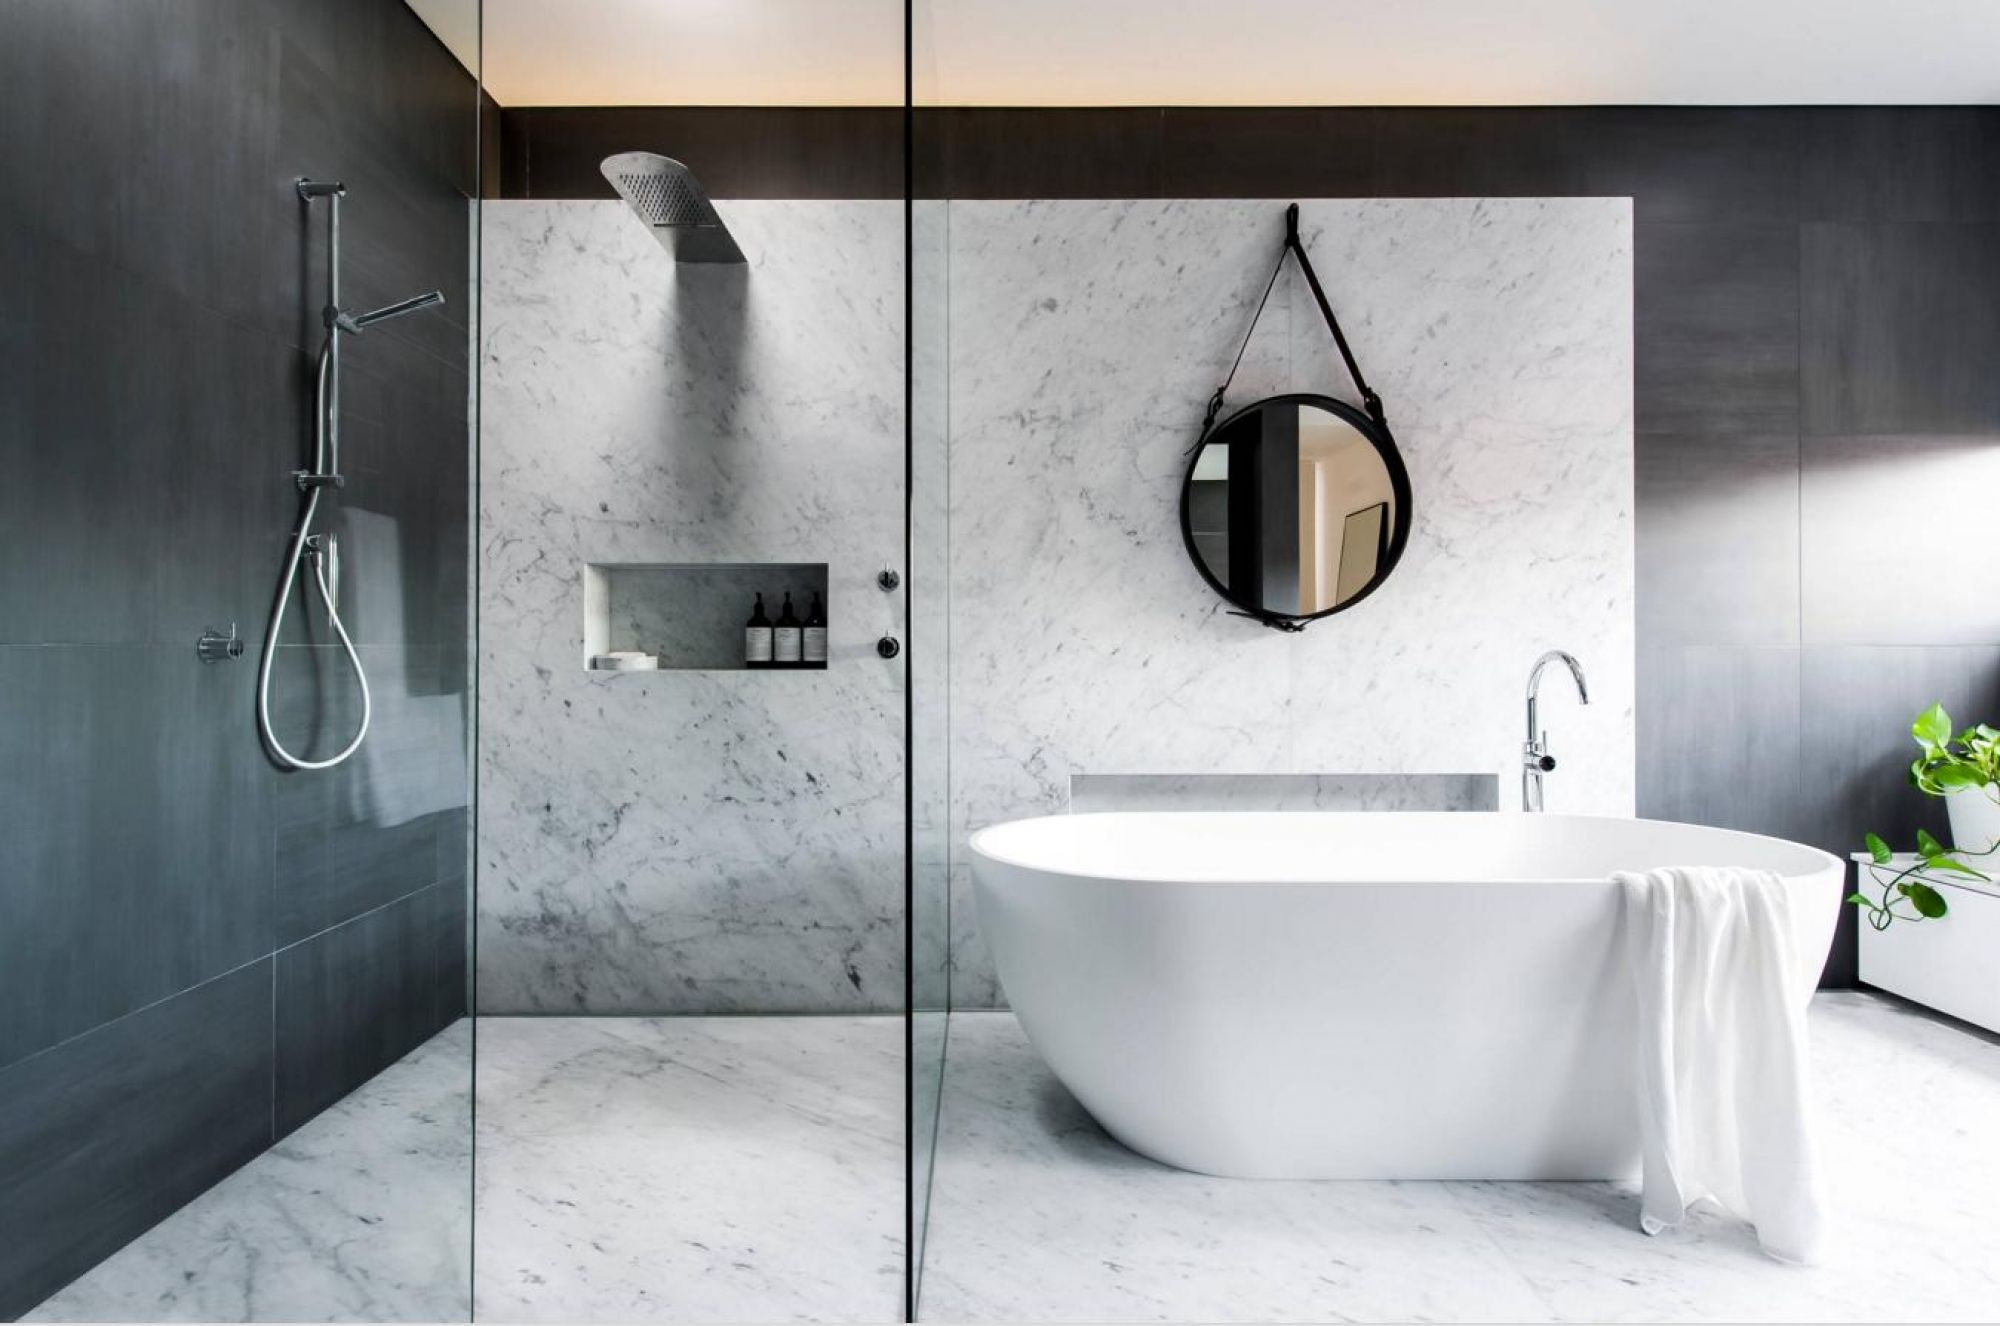 Accessoires Salle De Bain Brico Leclerc ~ Blanc Carrare Marbre Noir Et Blanc Pour Une Salle De Bain Chic Et